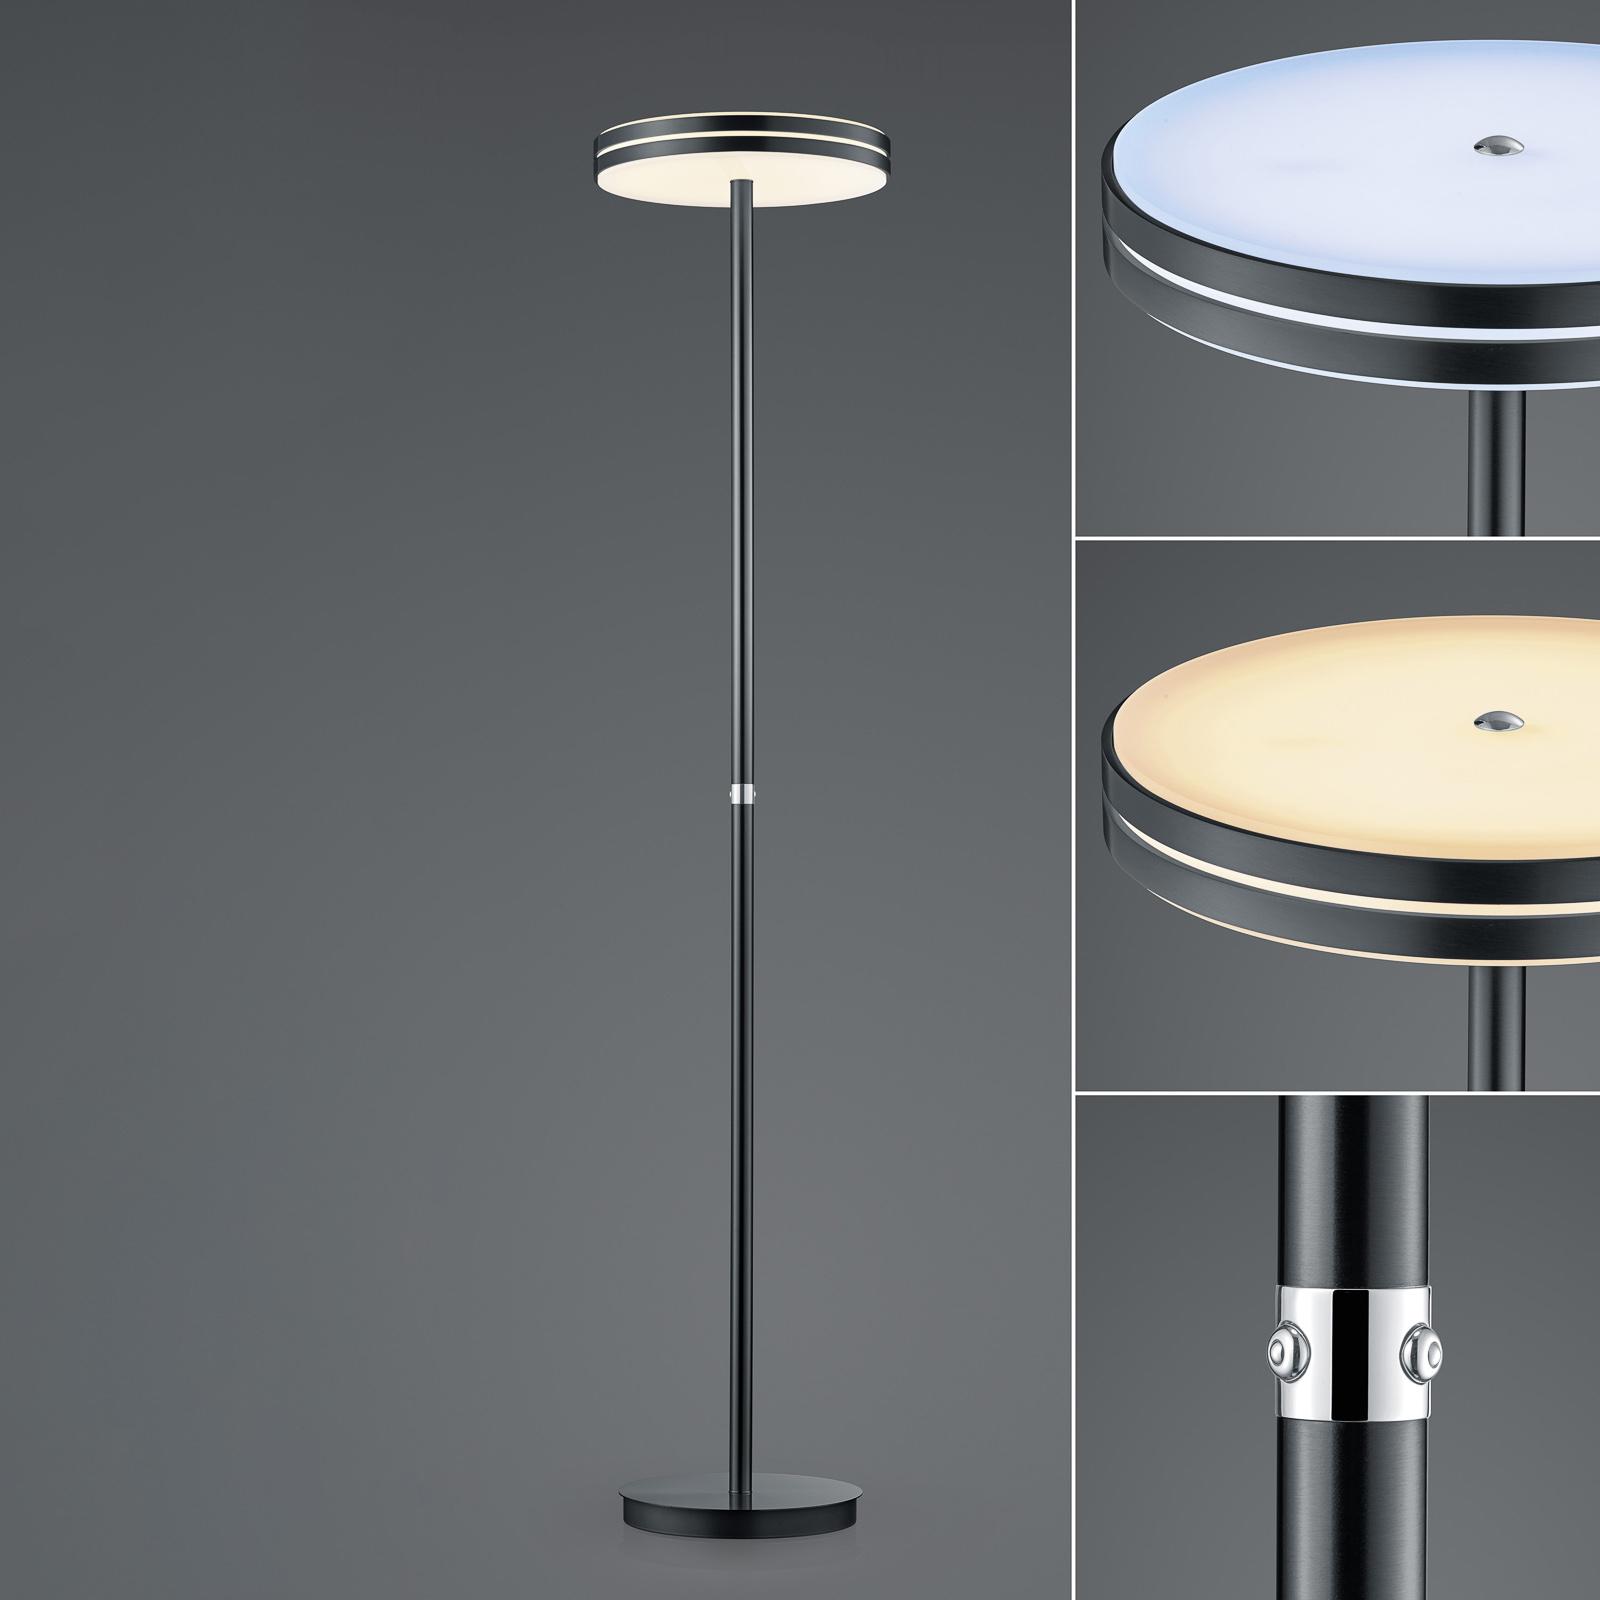 BANKAMP Gem lampadaire LED, variateur, anthracite